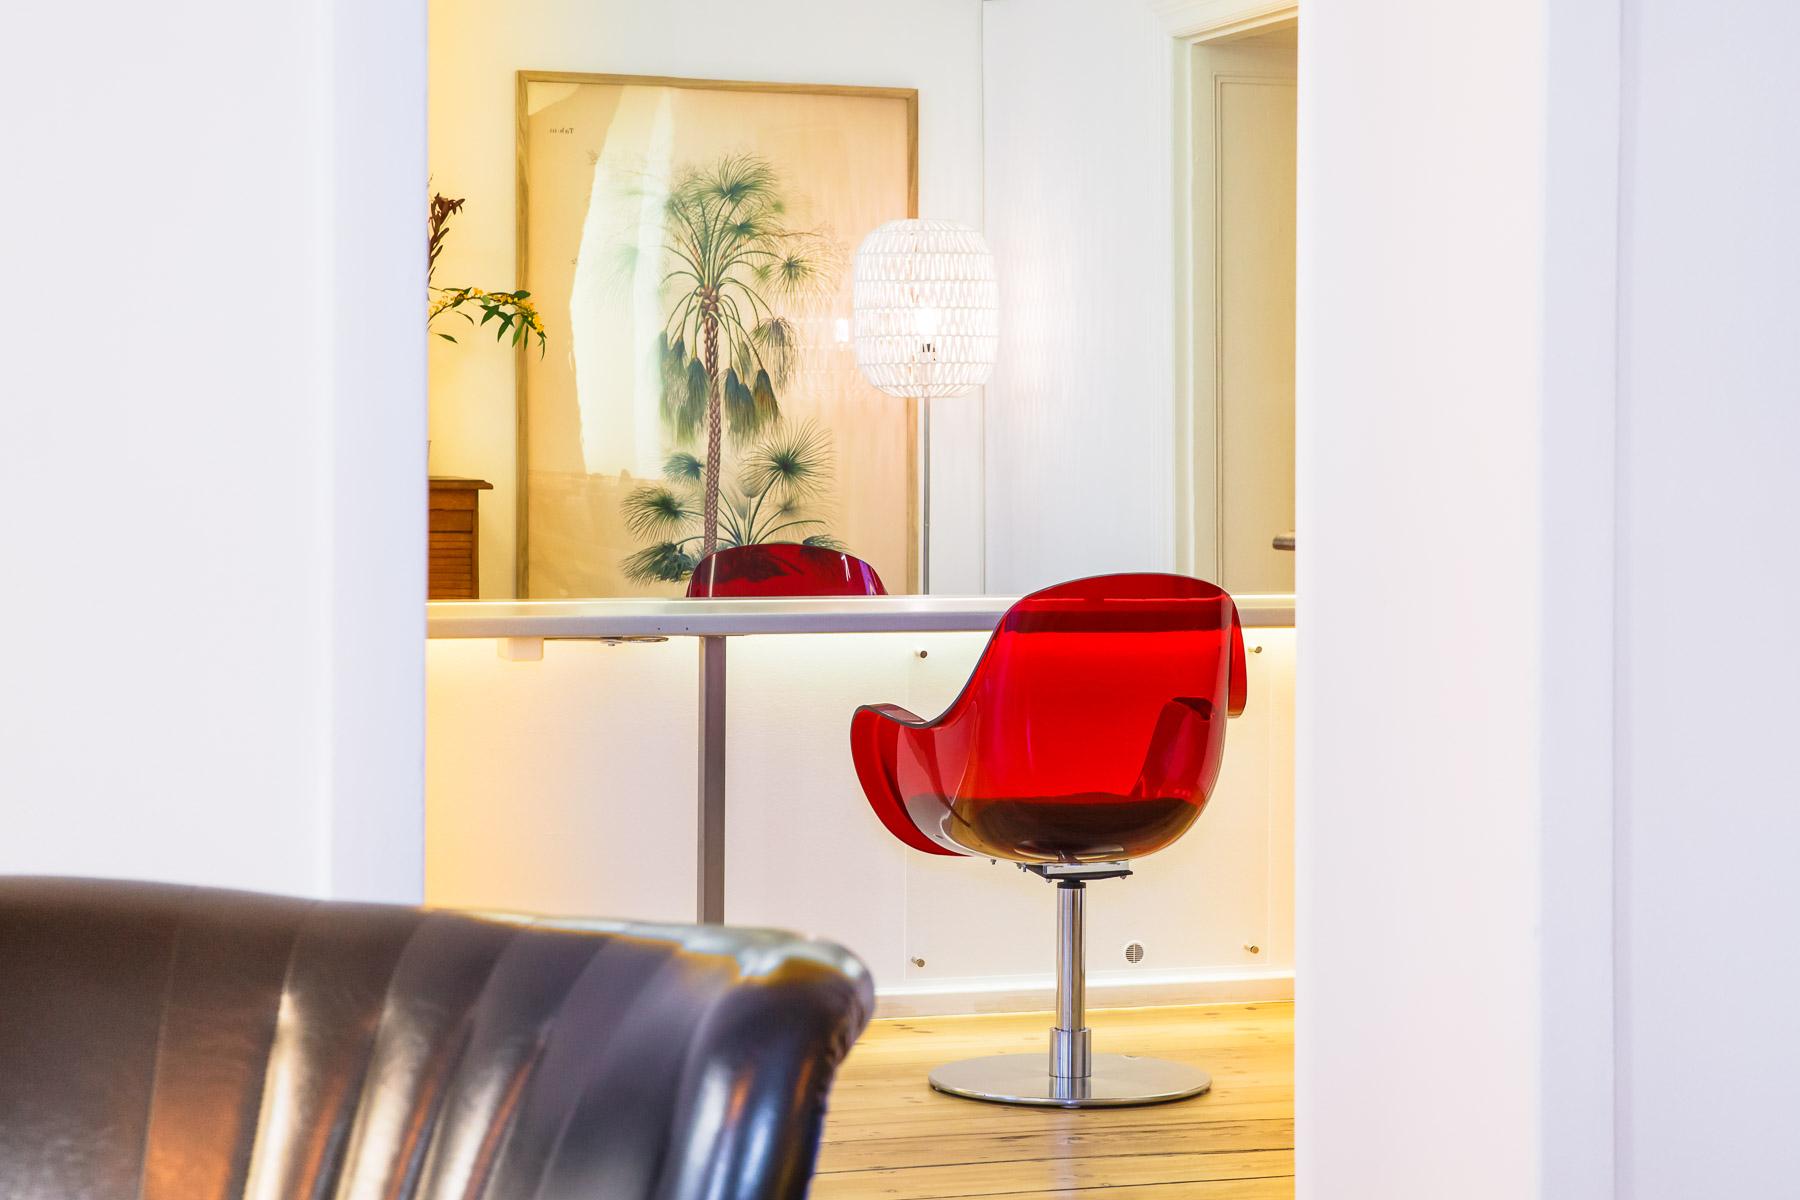 kiezschnitt_kreuzberg_red_chair.jpg